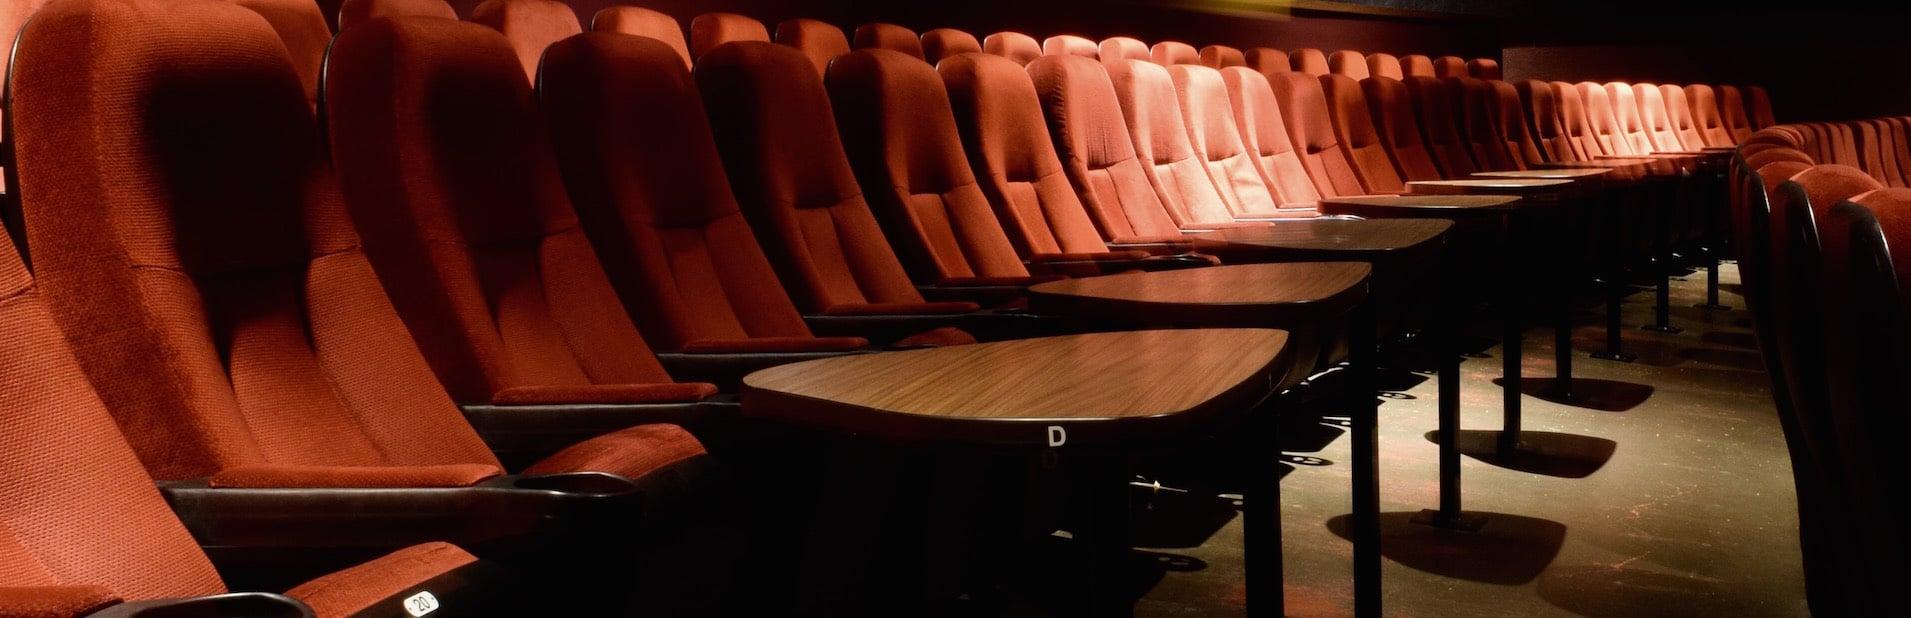 Apollo Cinema Seating